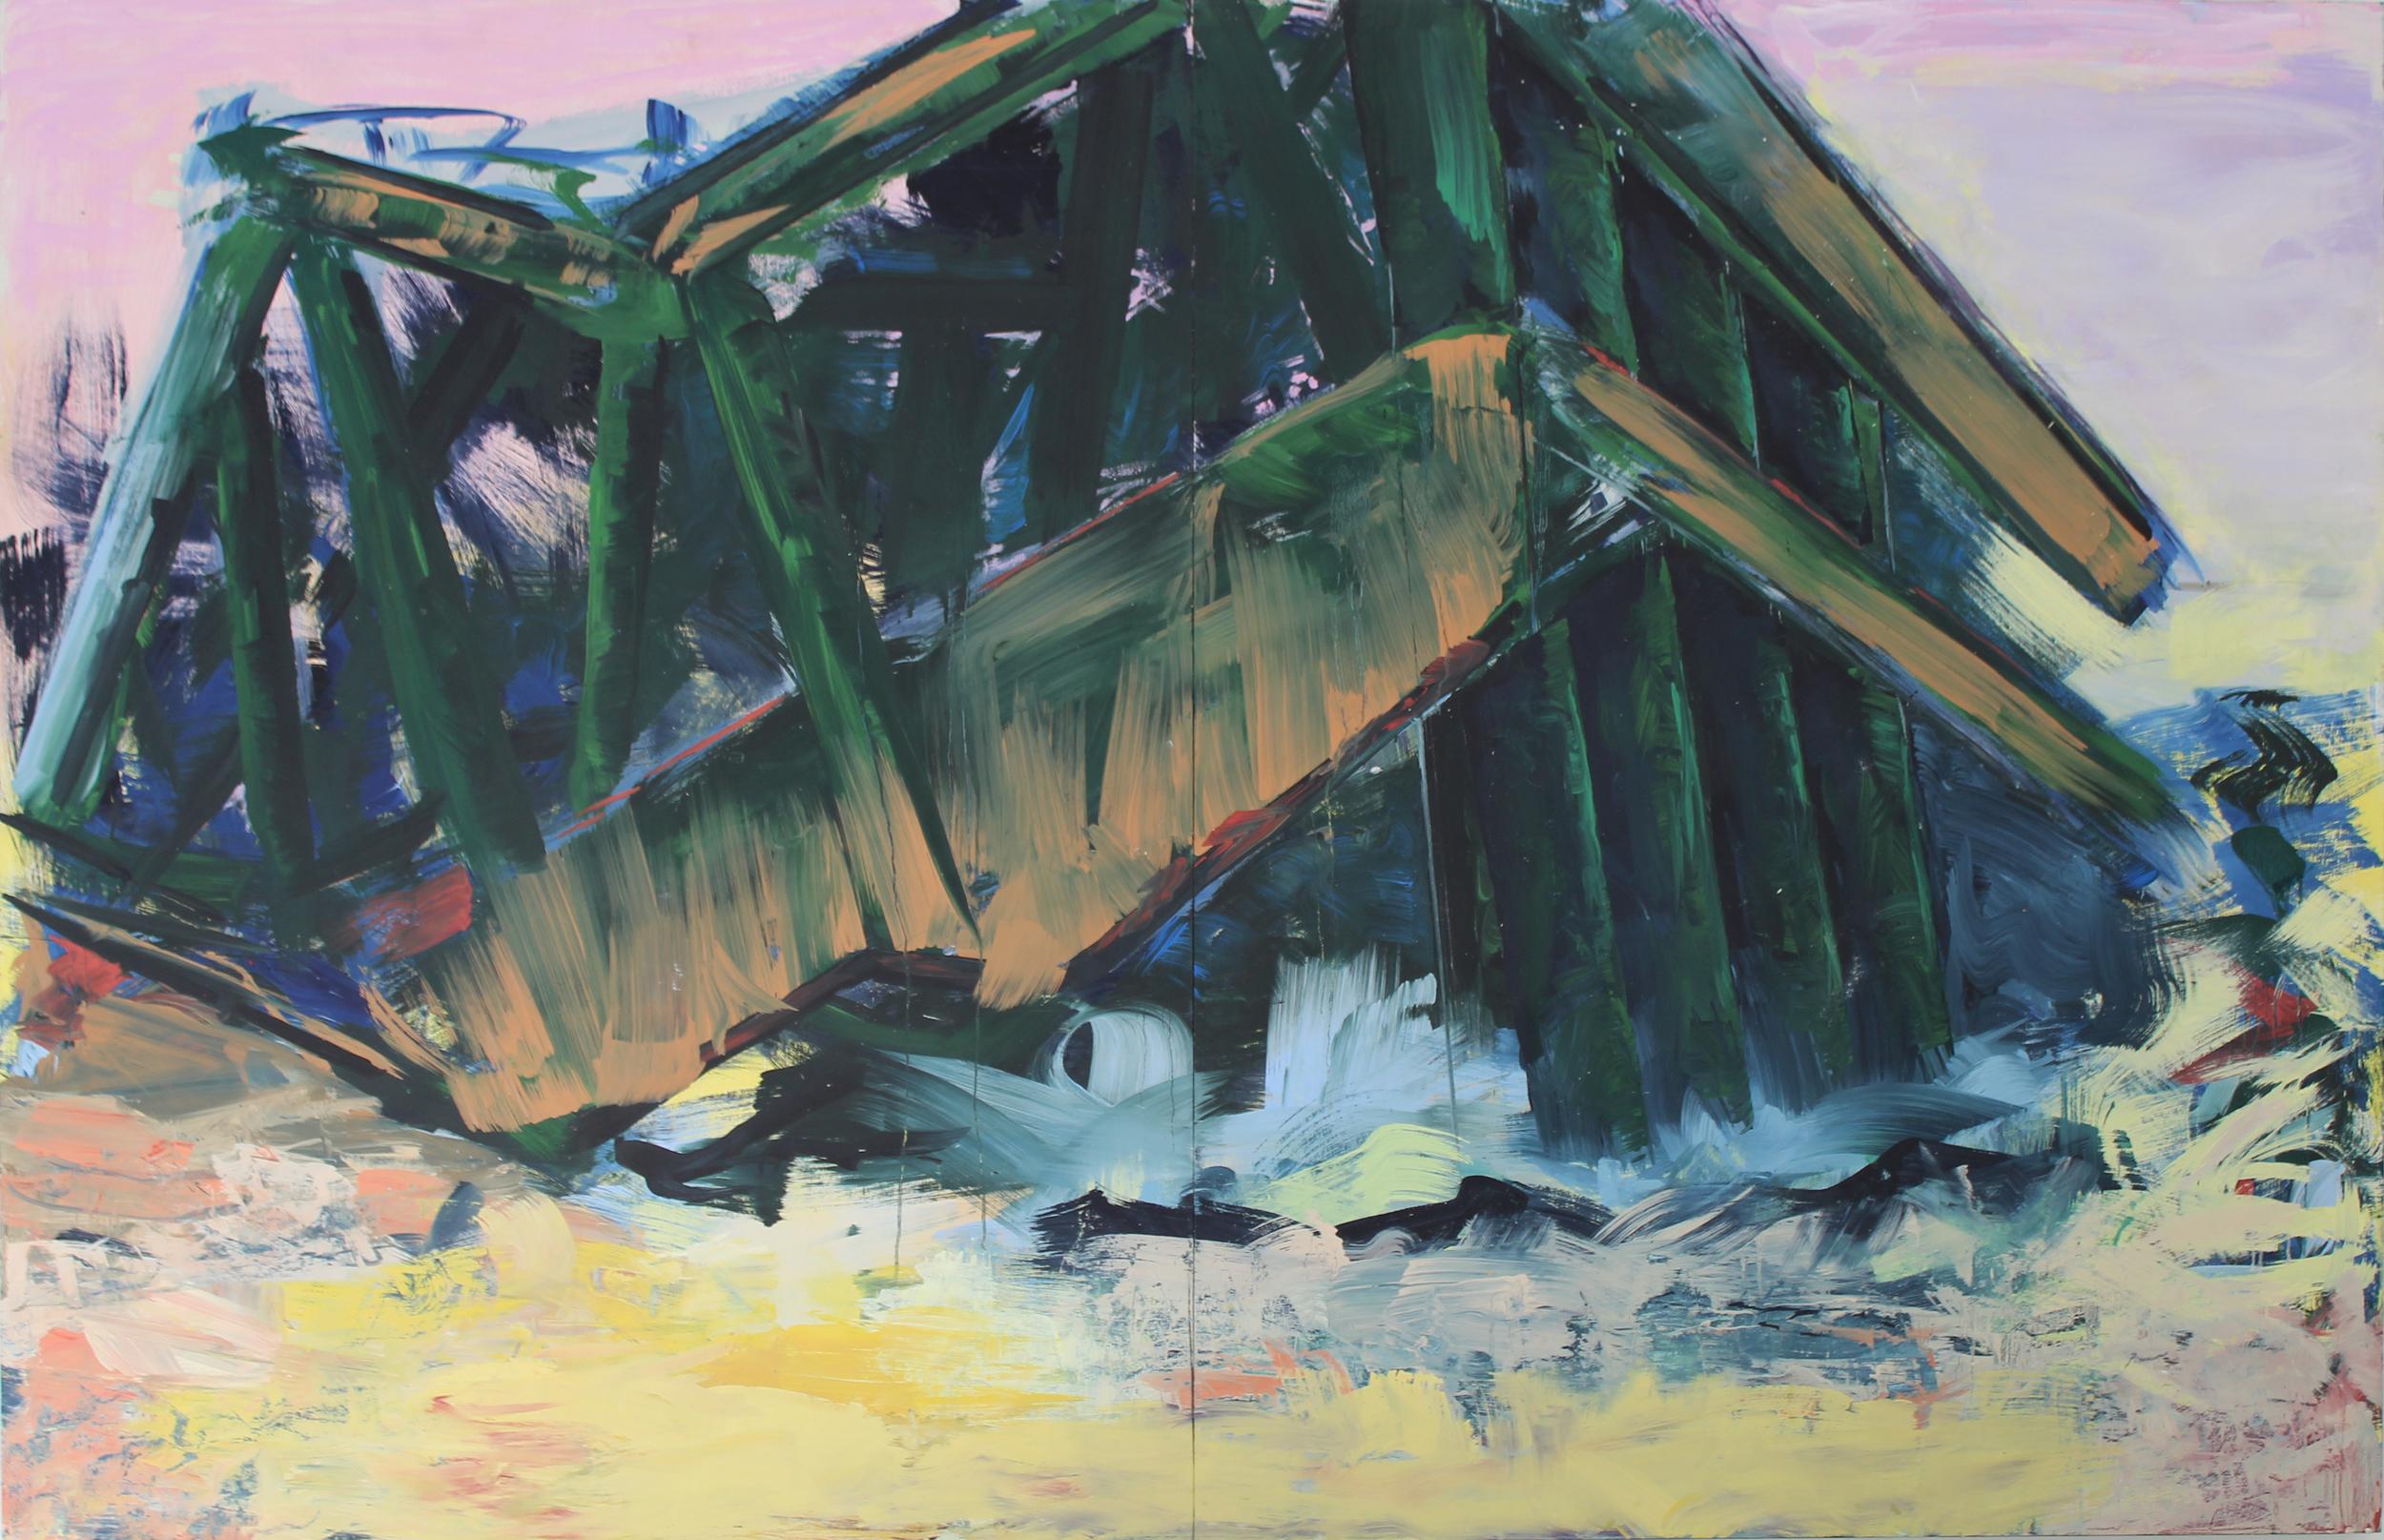 Z.t. 9, olieverf op hout, 170 x 350 cm